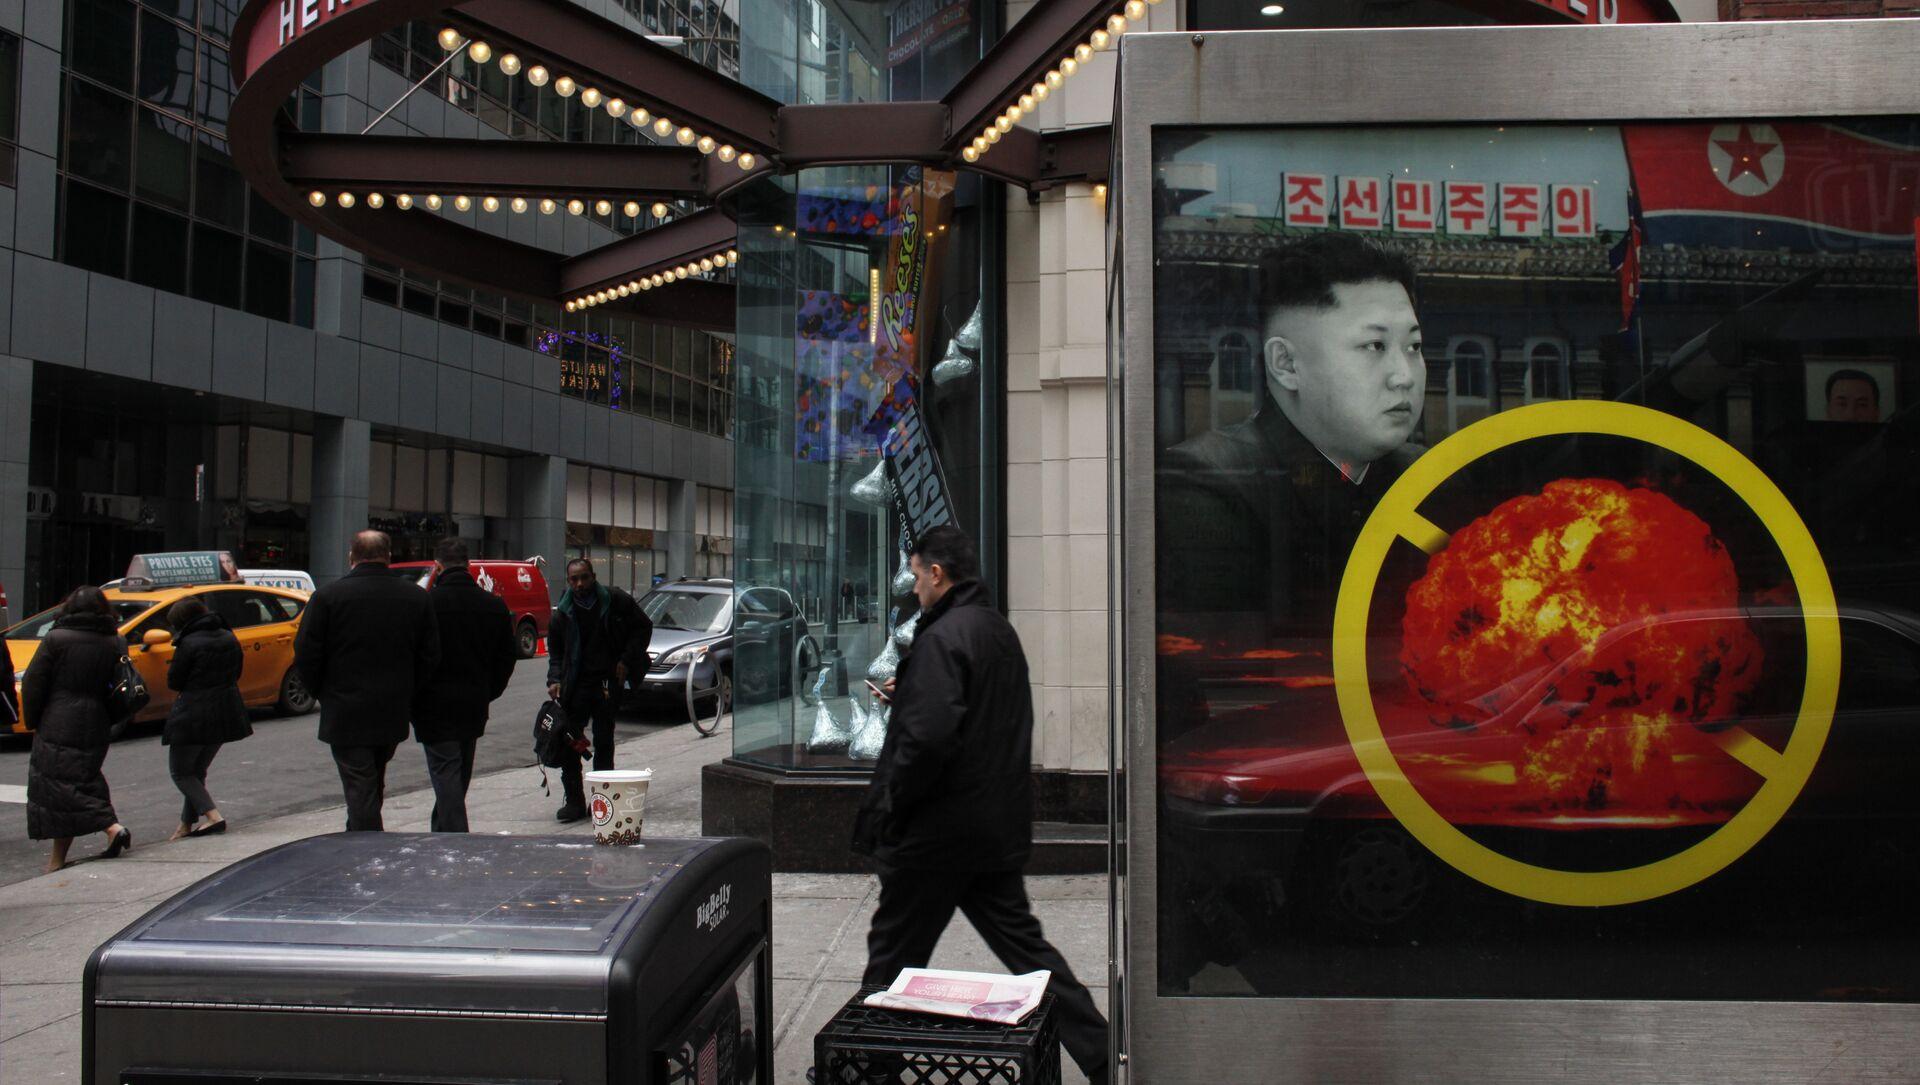 Un cartel en Nueva York contra el desarrollo de armas nucleares por Corea del Norte  - Sputnik Mundo, 1920, 10.02.2021